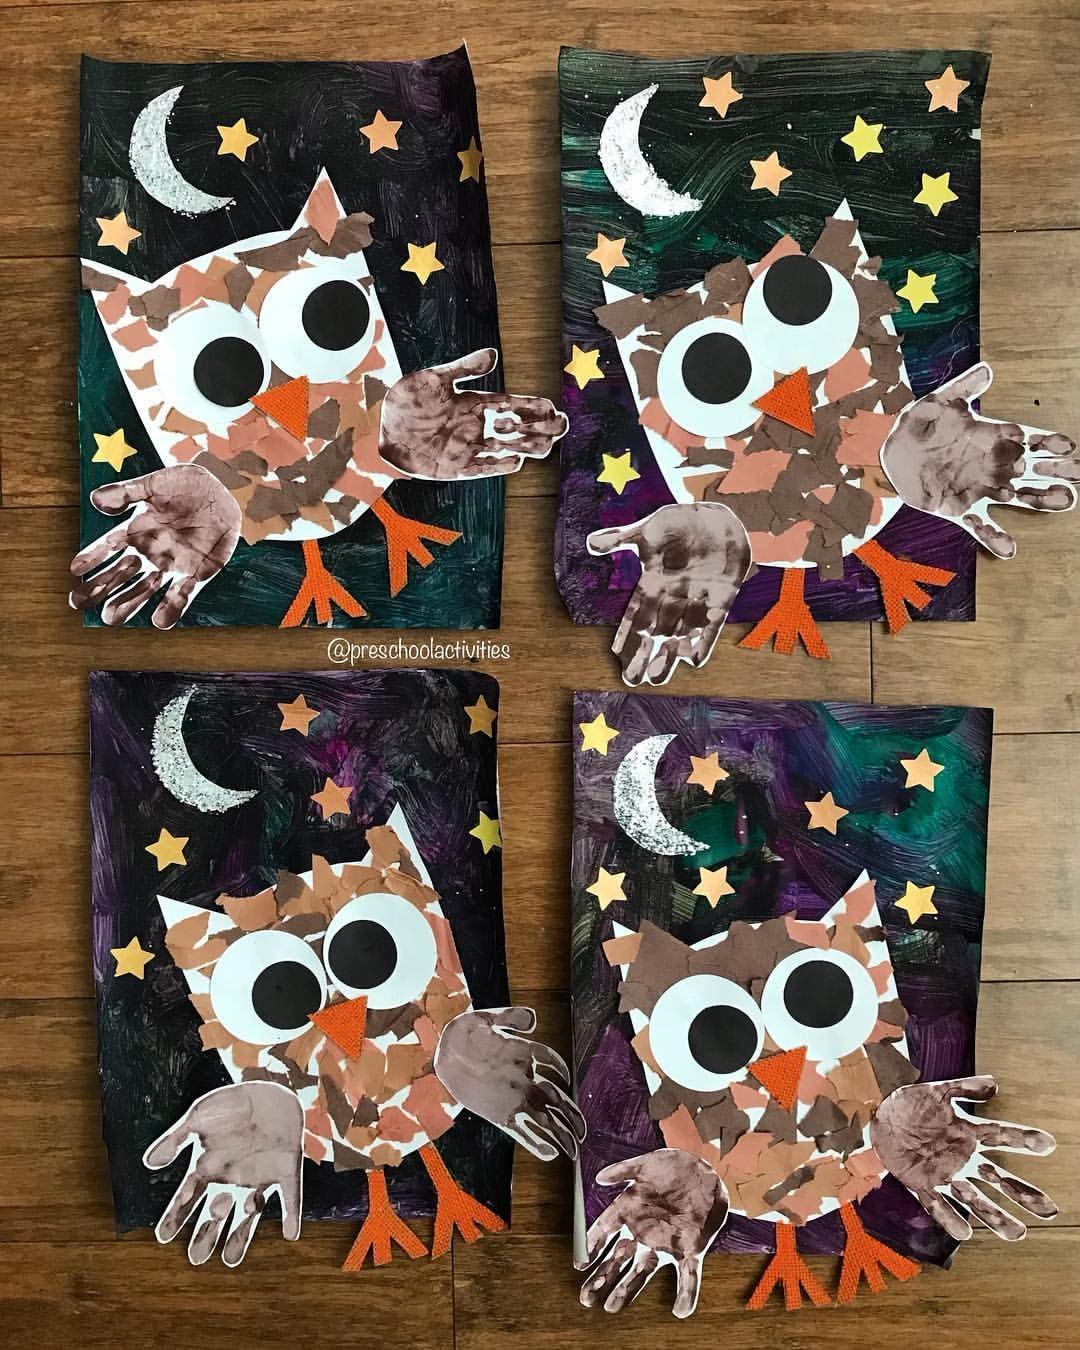 Owls October 13 Prek Preschool Preschoolart